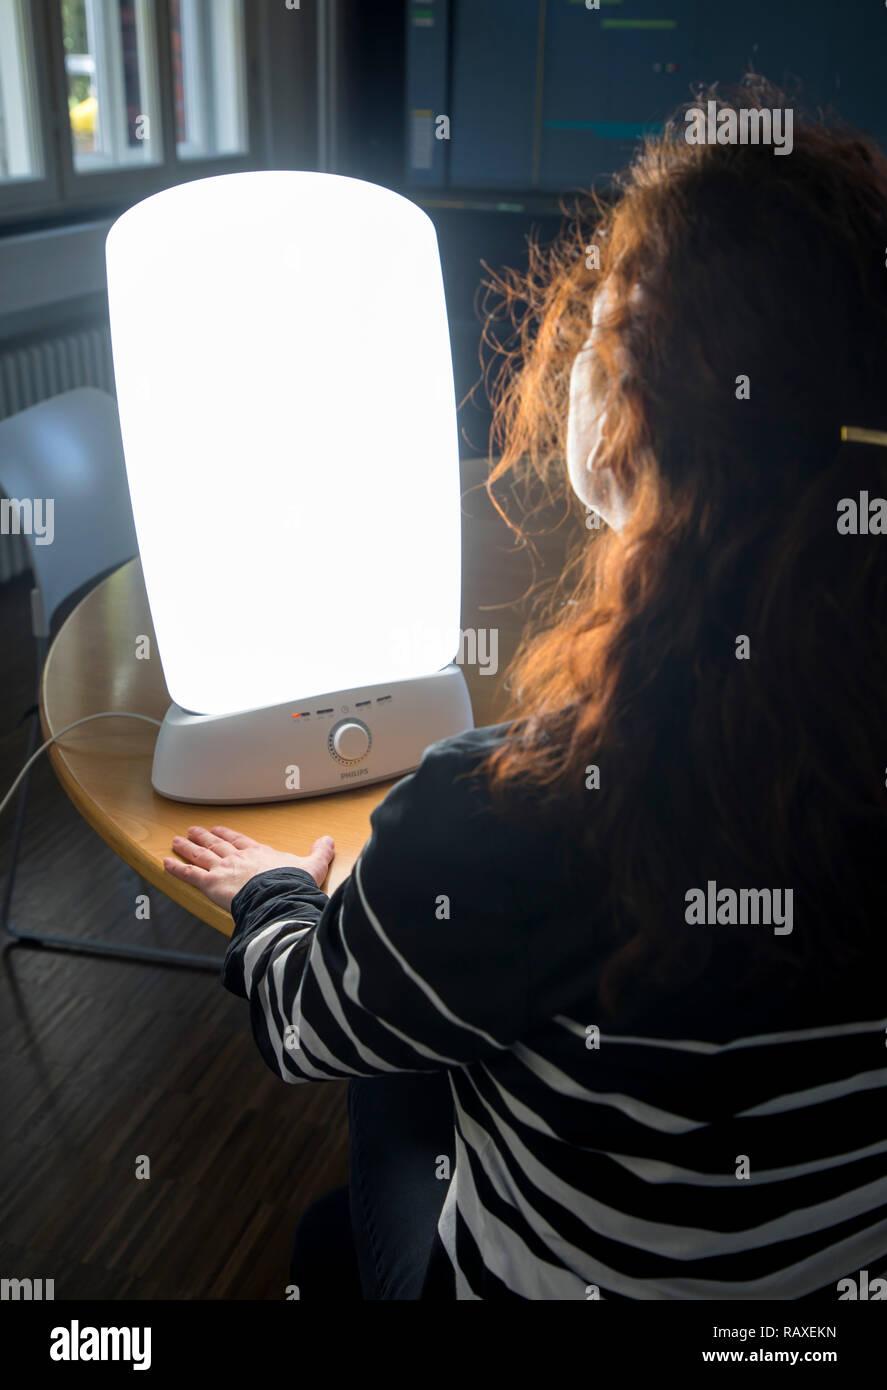 Die Lichttherapie Mit Tageslicht Lampe Eine Frau Sitzen Vor Eine Lampe Die